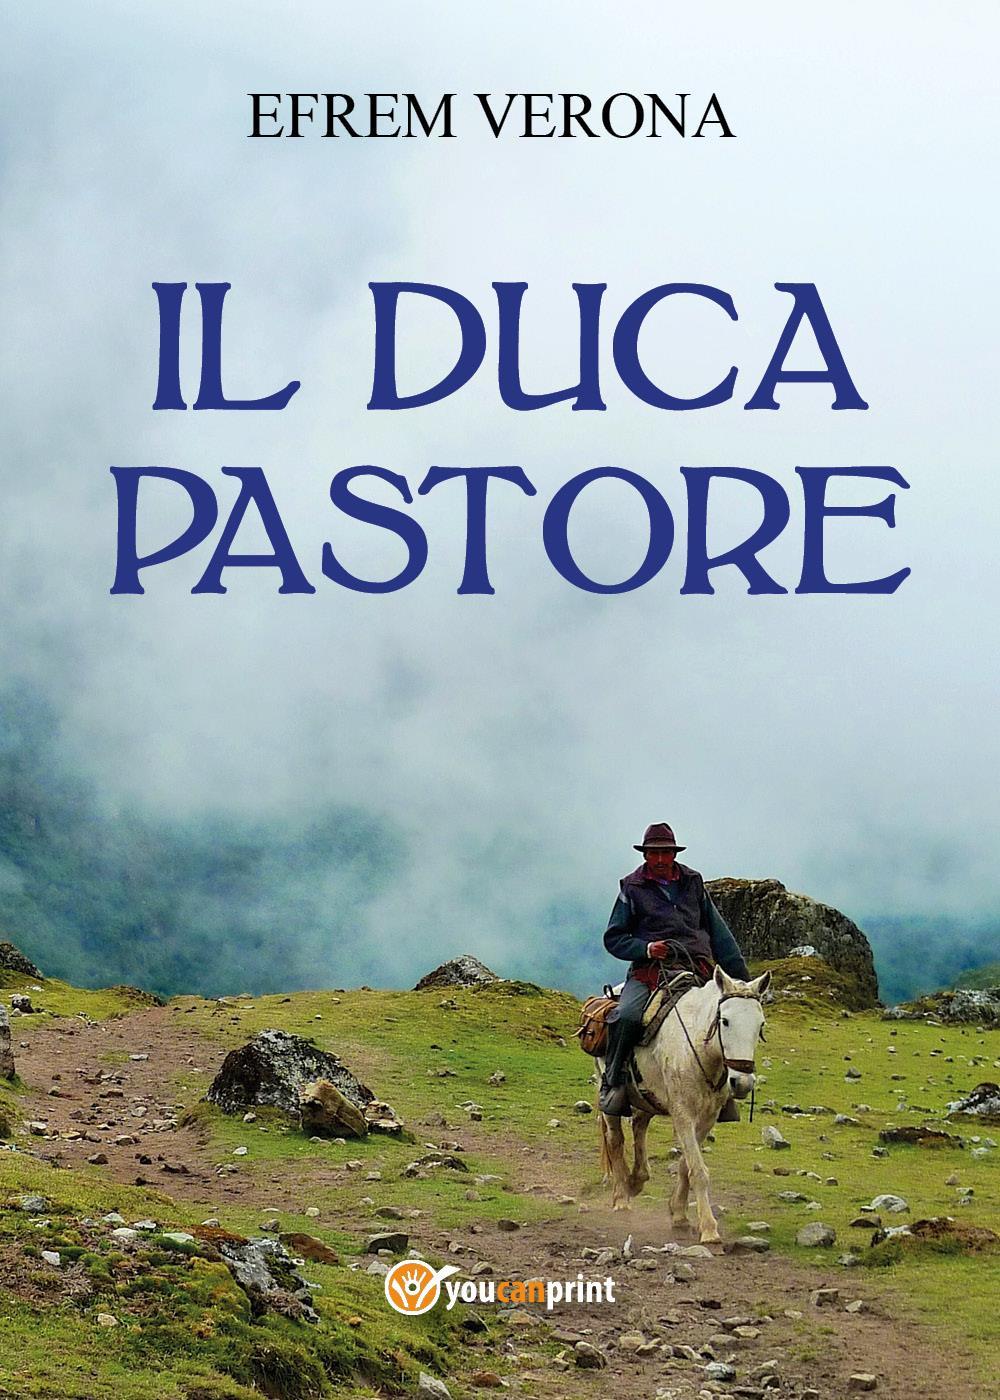 Il duca pastore